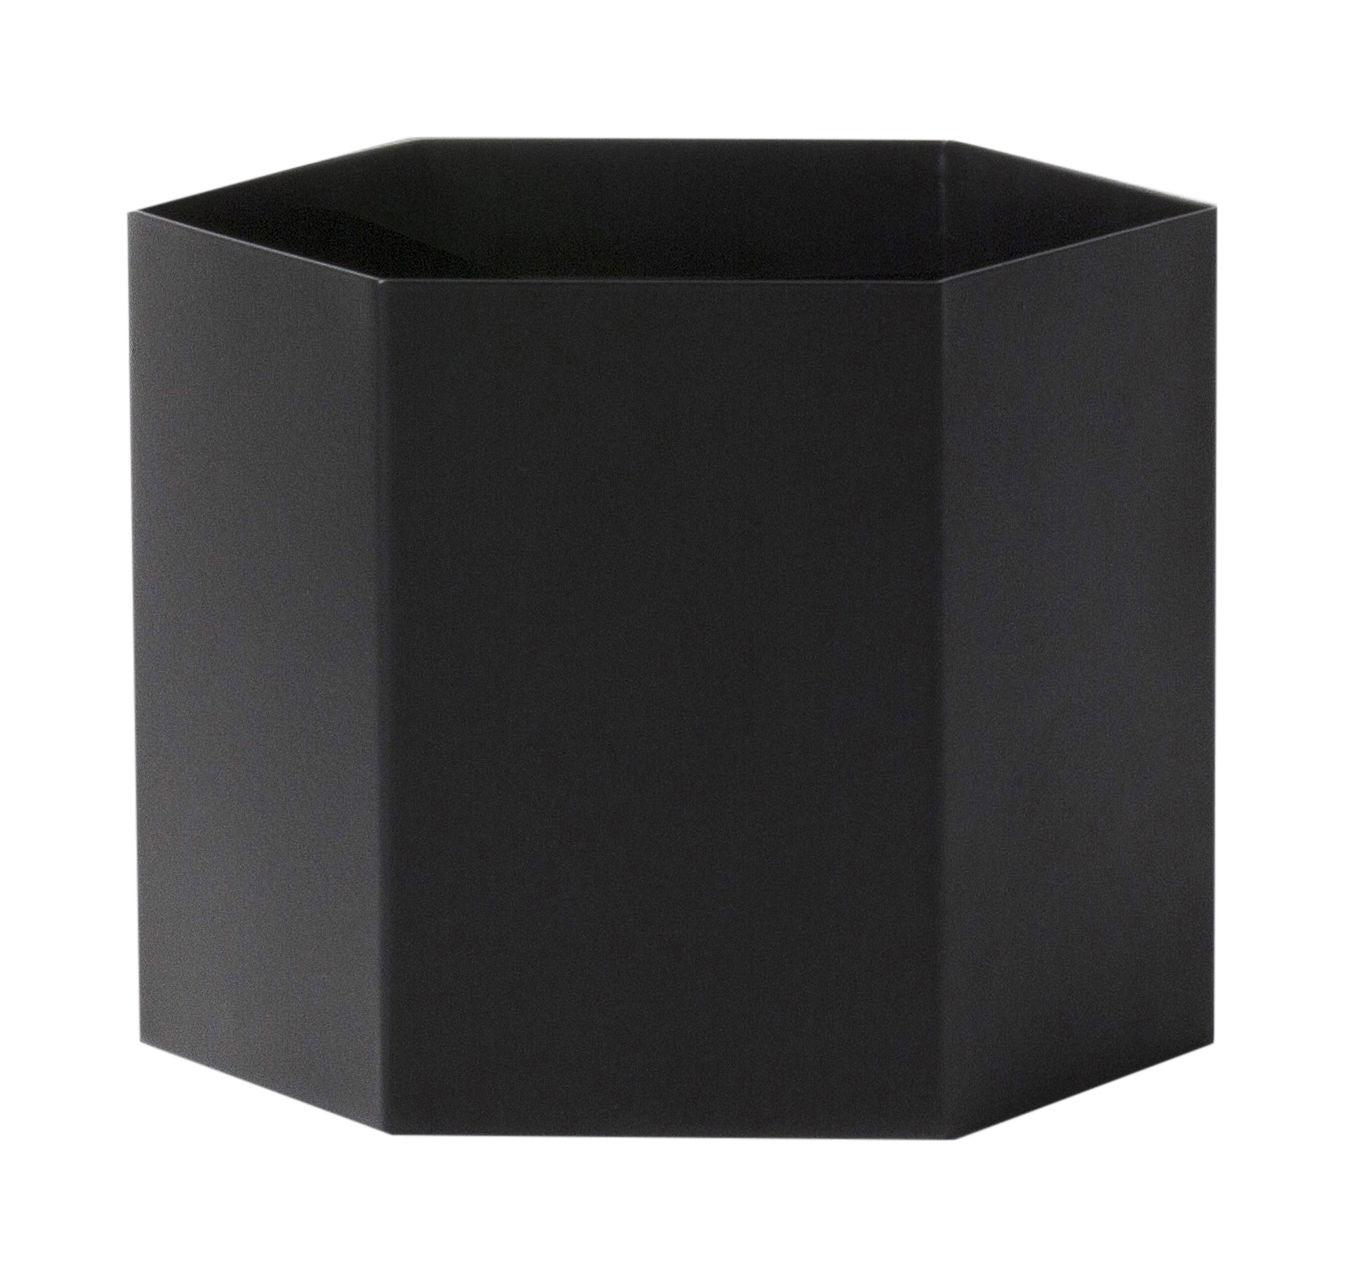 Déco - Pots et plantes - Pot de fleurs Hexagon XL / Ø 18 x H 16 cm - Ferm Living - Noir - Métal laqué